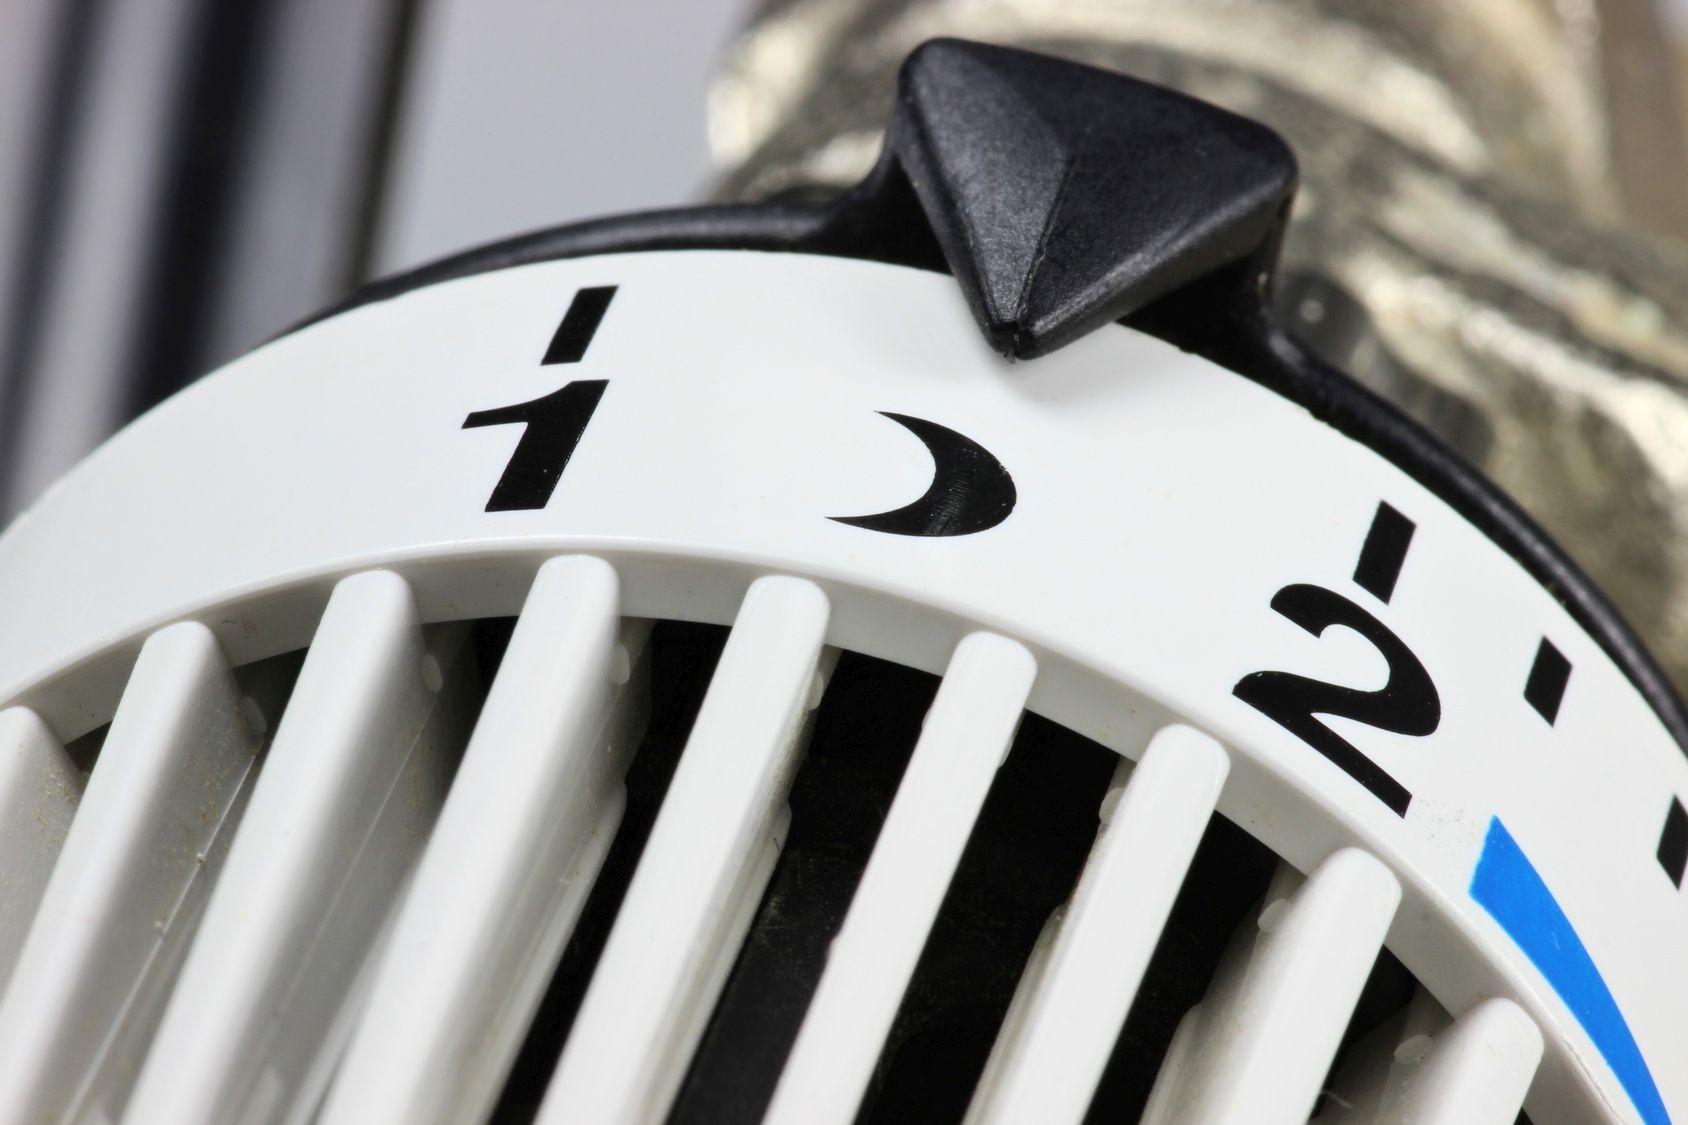 nachtabsenkung eine m glichkeit deutlich heizkosten zu sparen. Black Bedroom Furniture Sets. Home Design Ideas